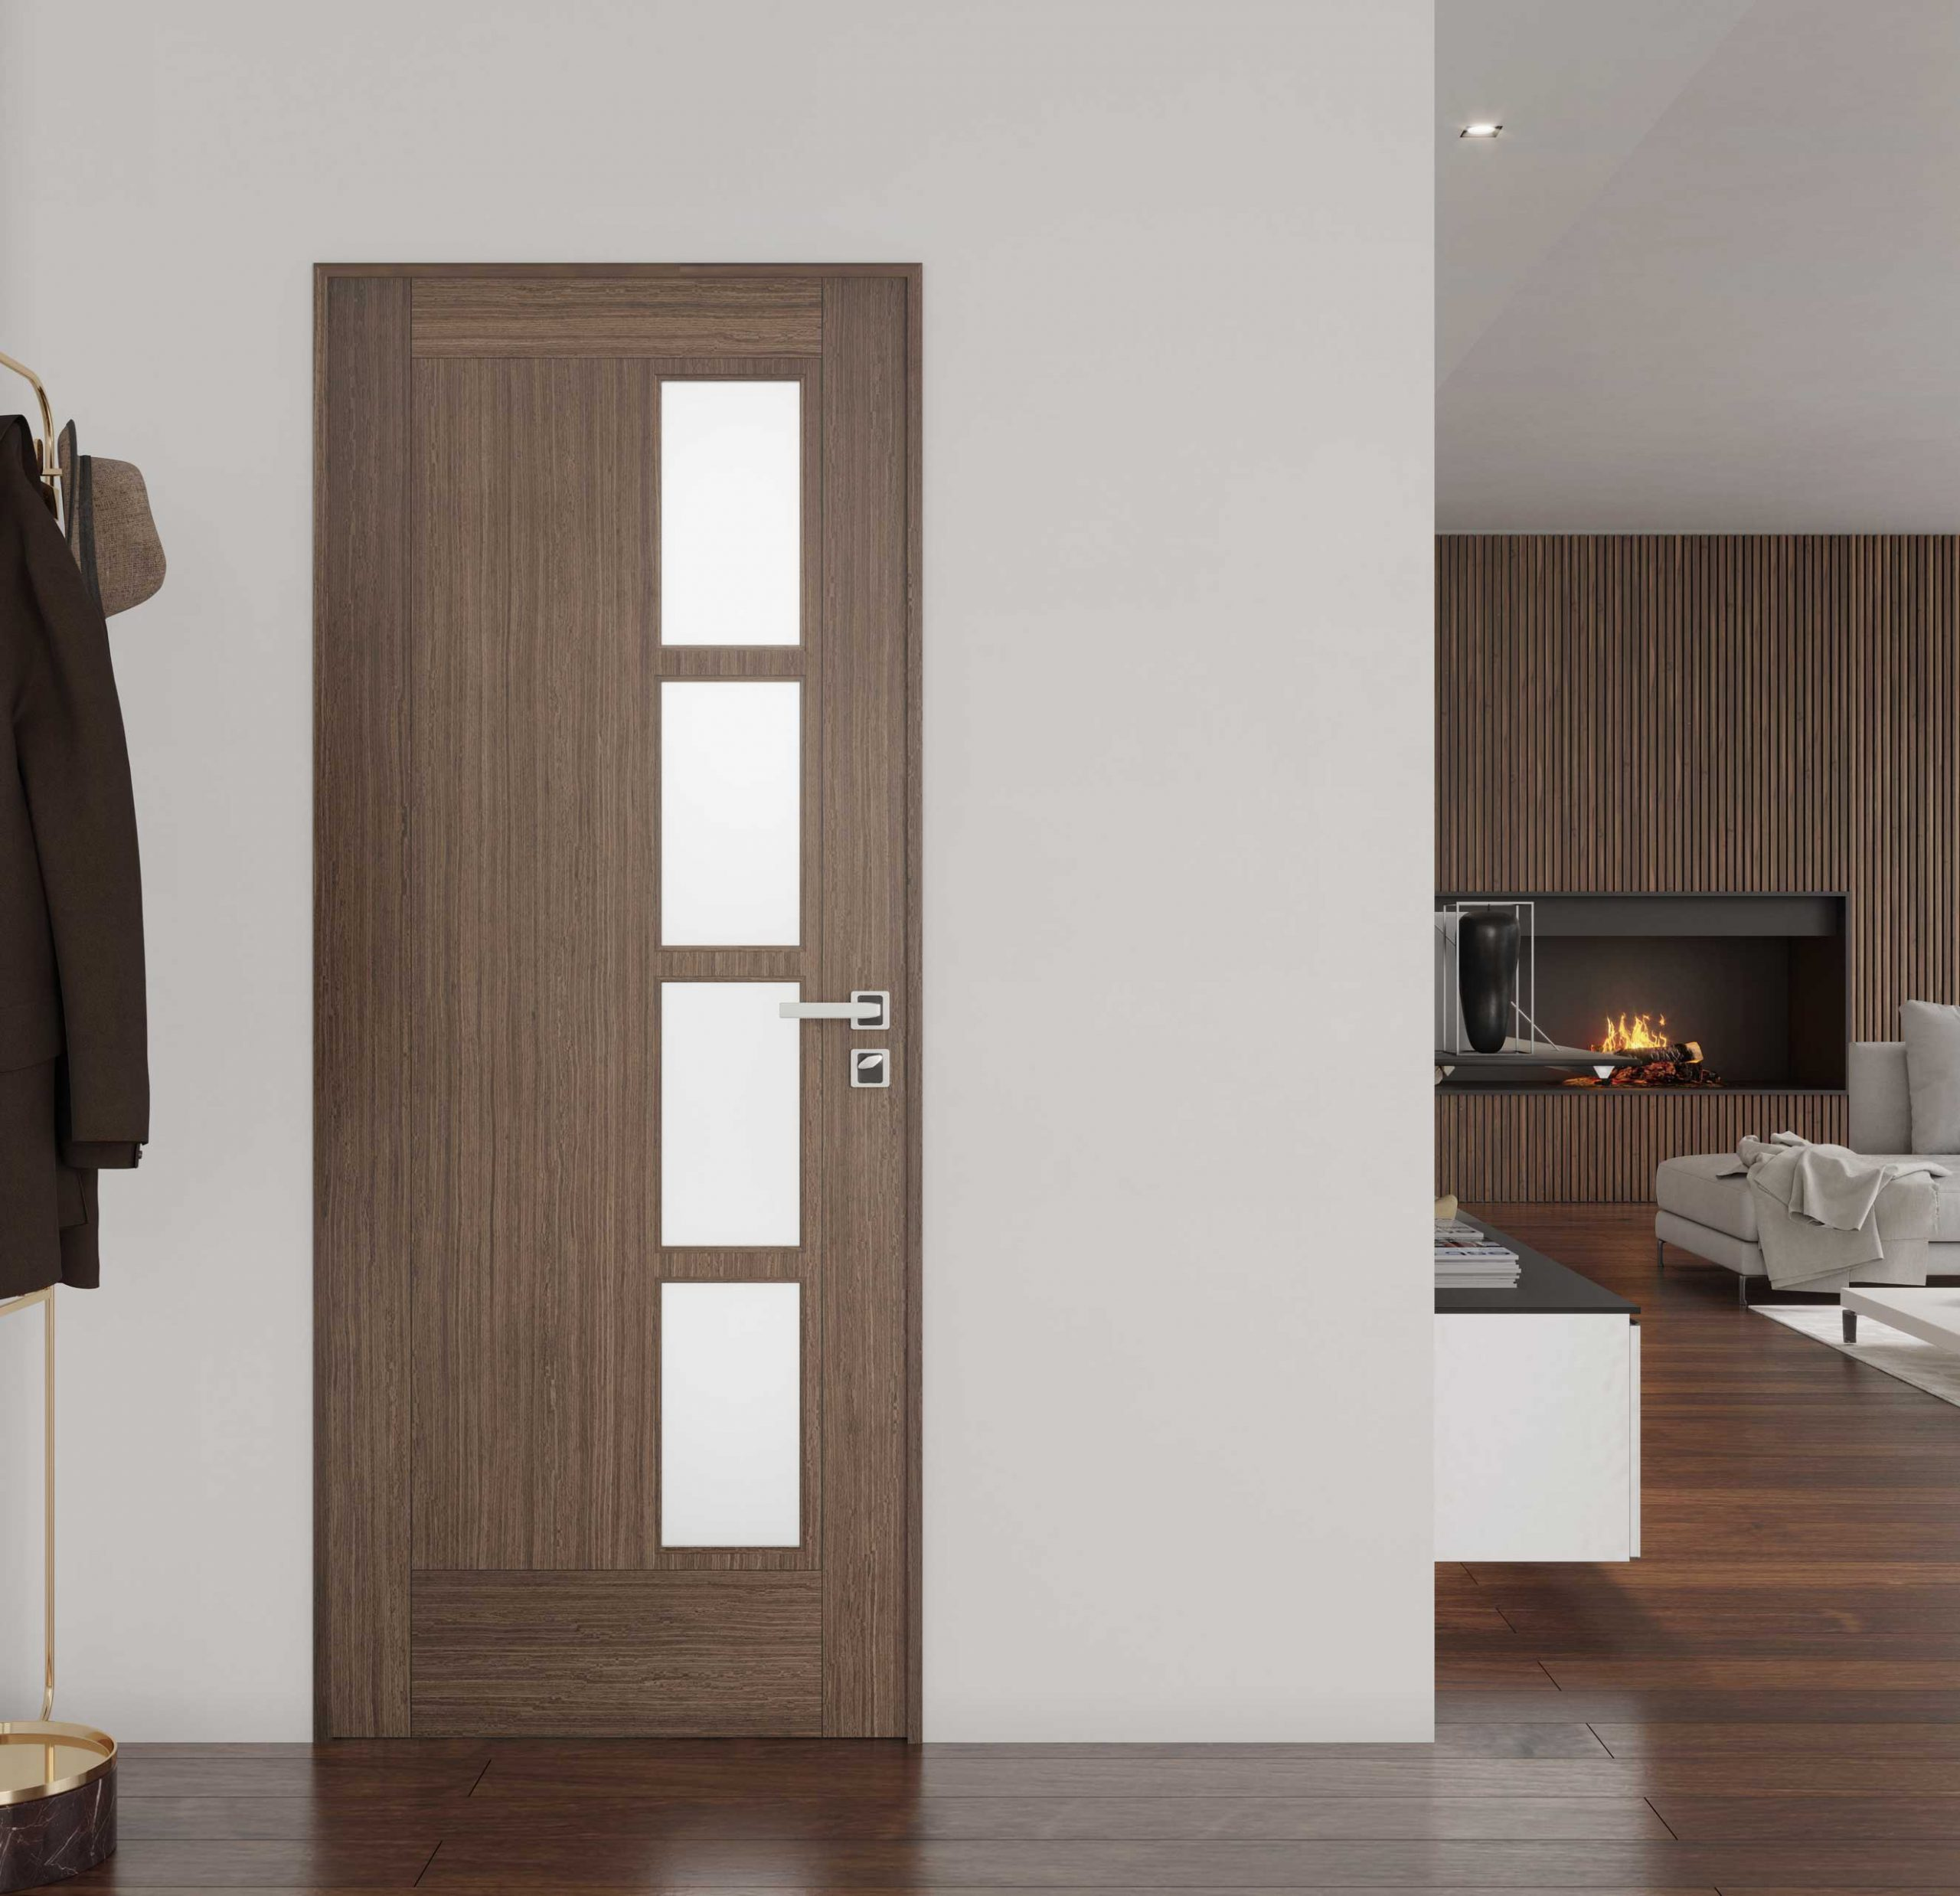 porta-etimute-compincar-madeira-303-l4